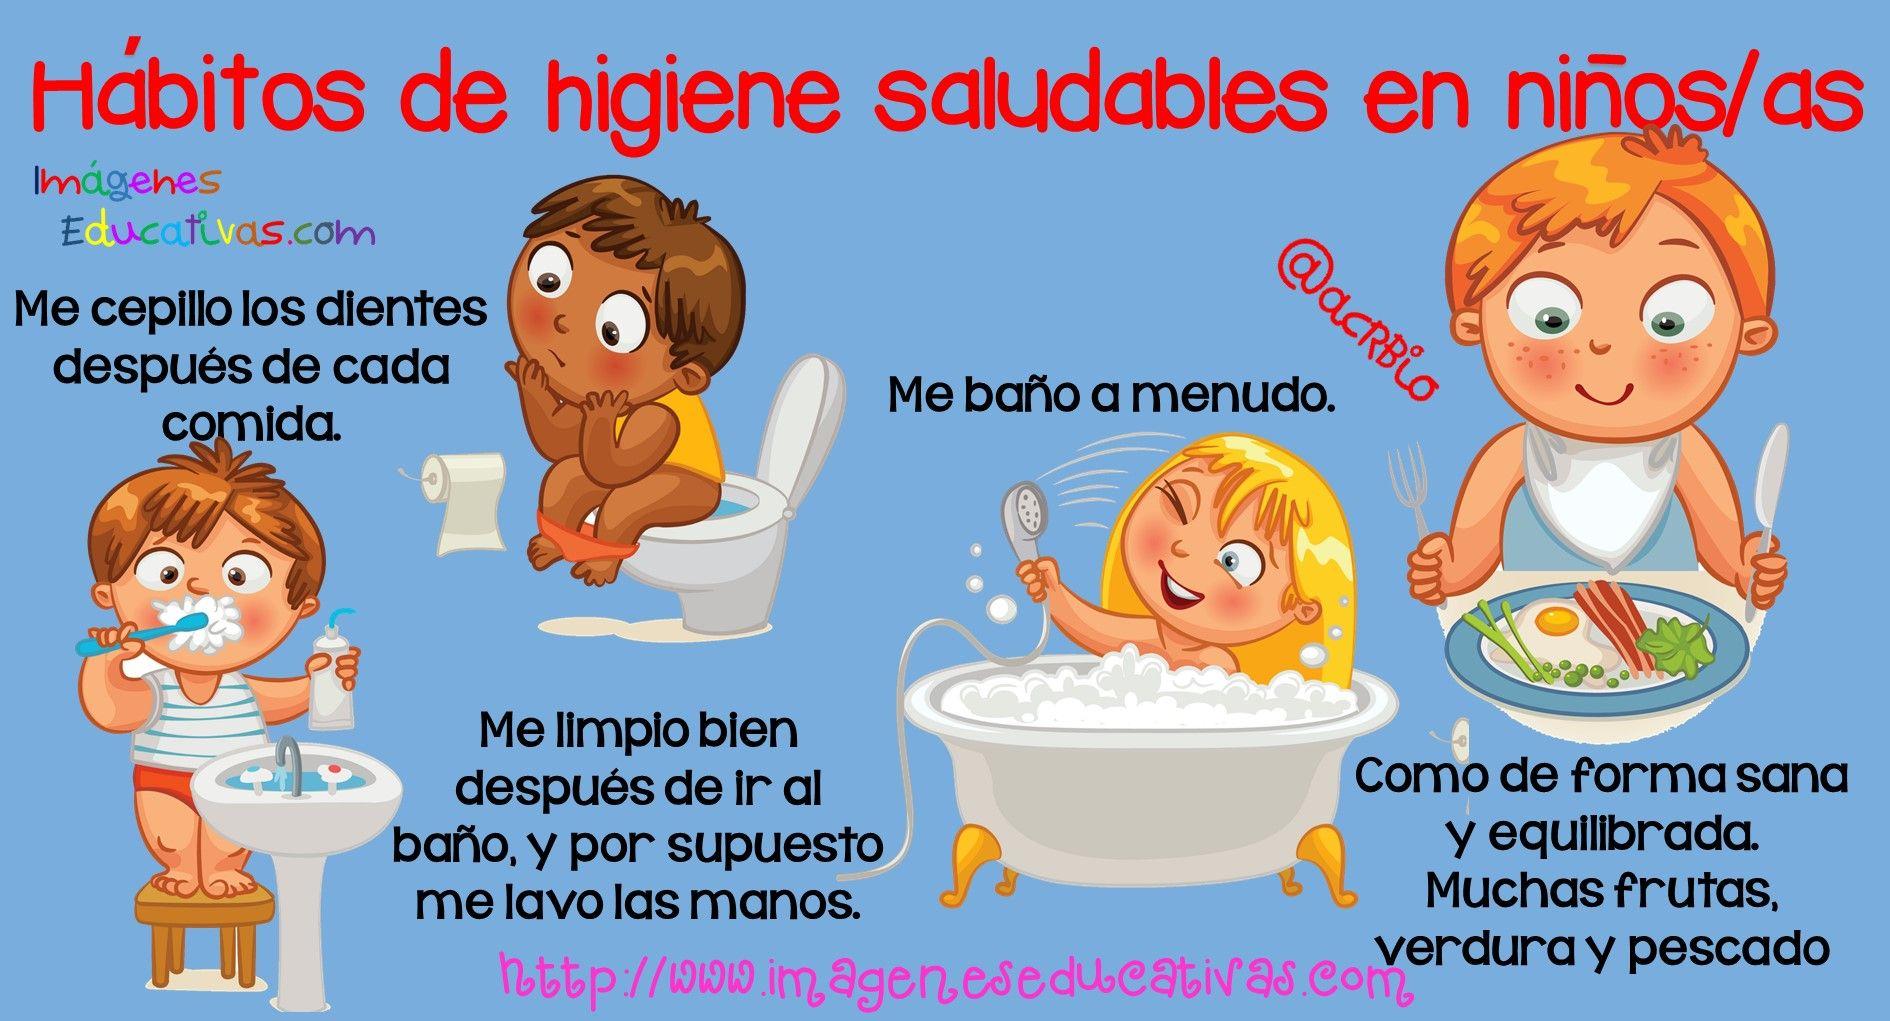 Habitos De Higiene Saludables En Ninos Y Ninas 1 Jpg 1890 1021